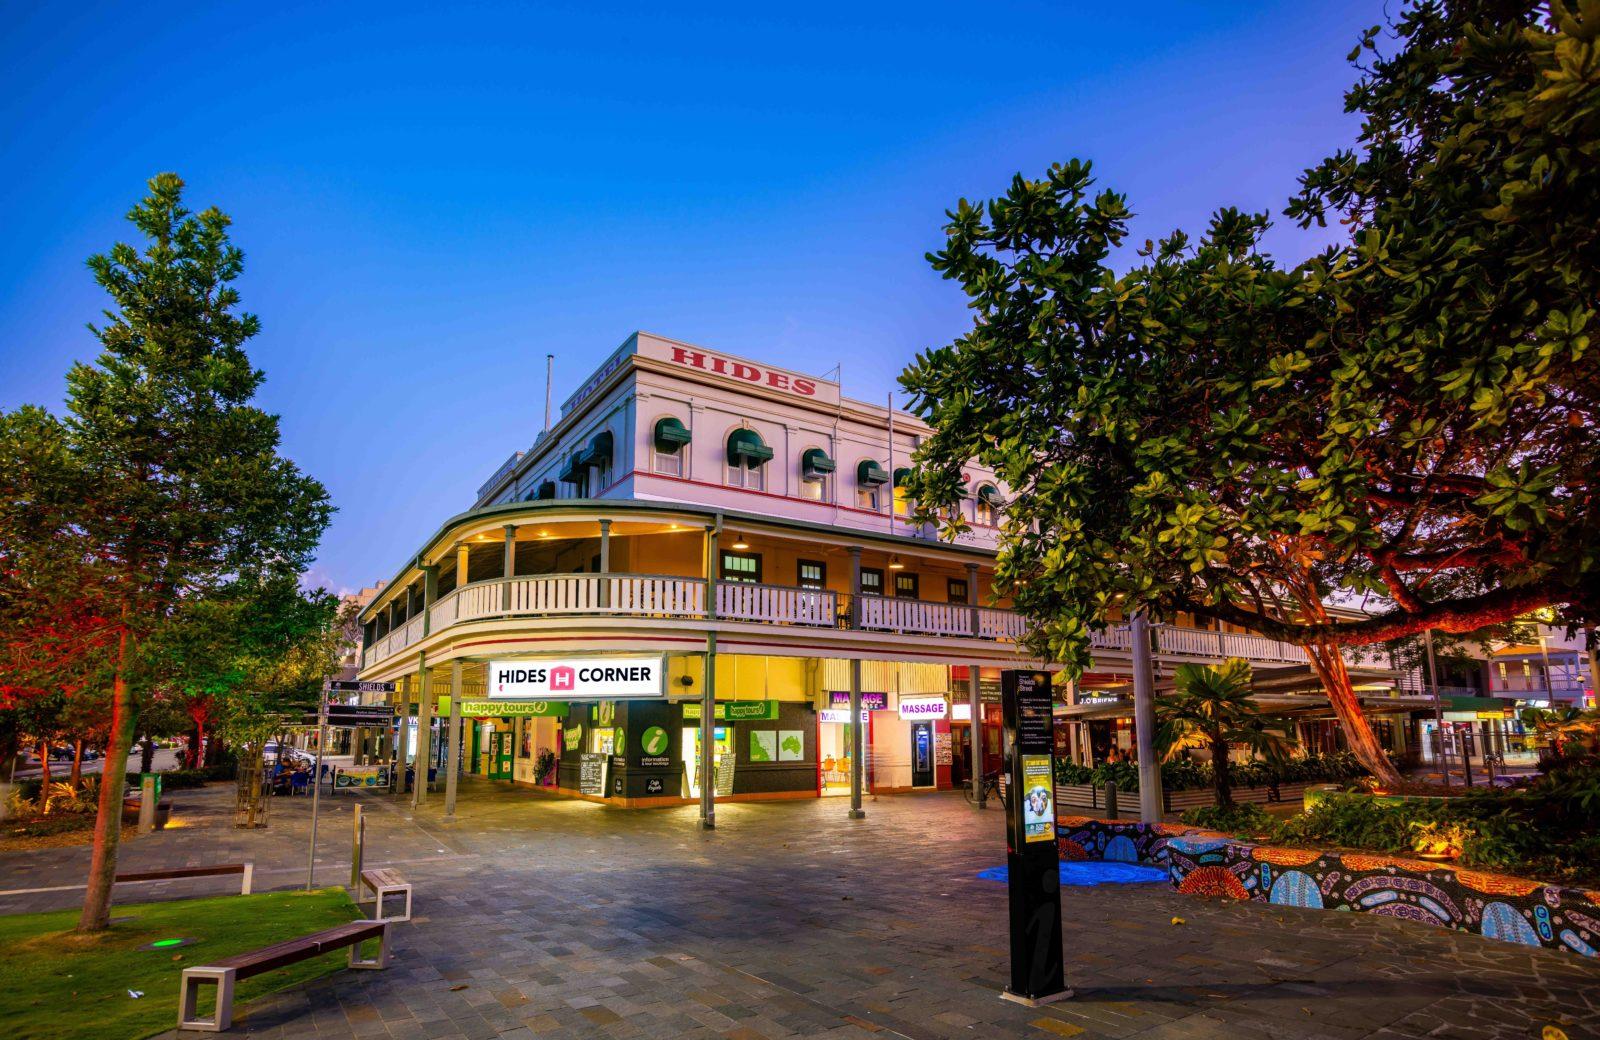 Hides Hotel external